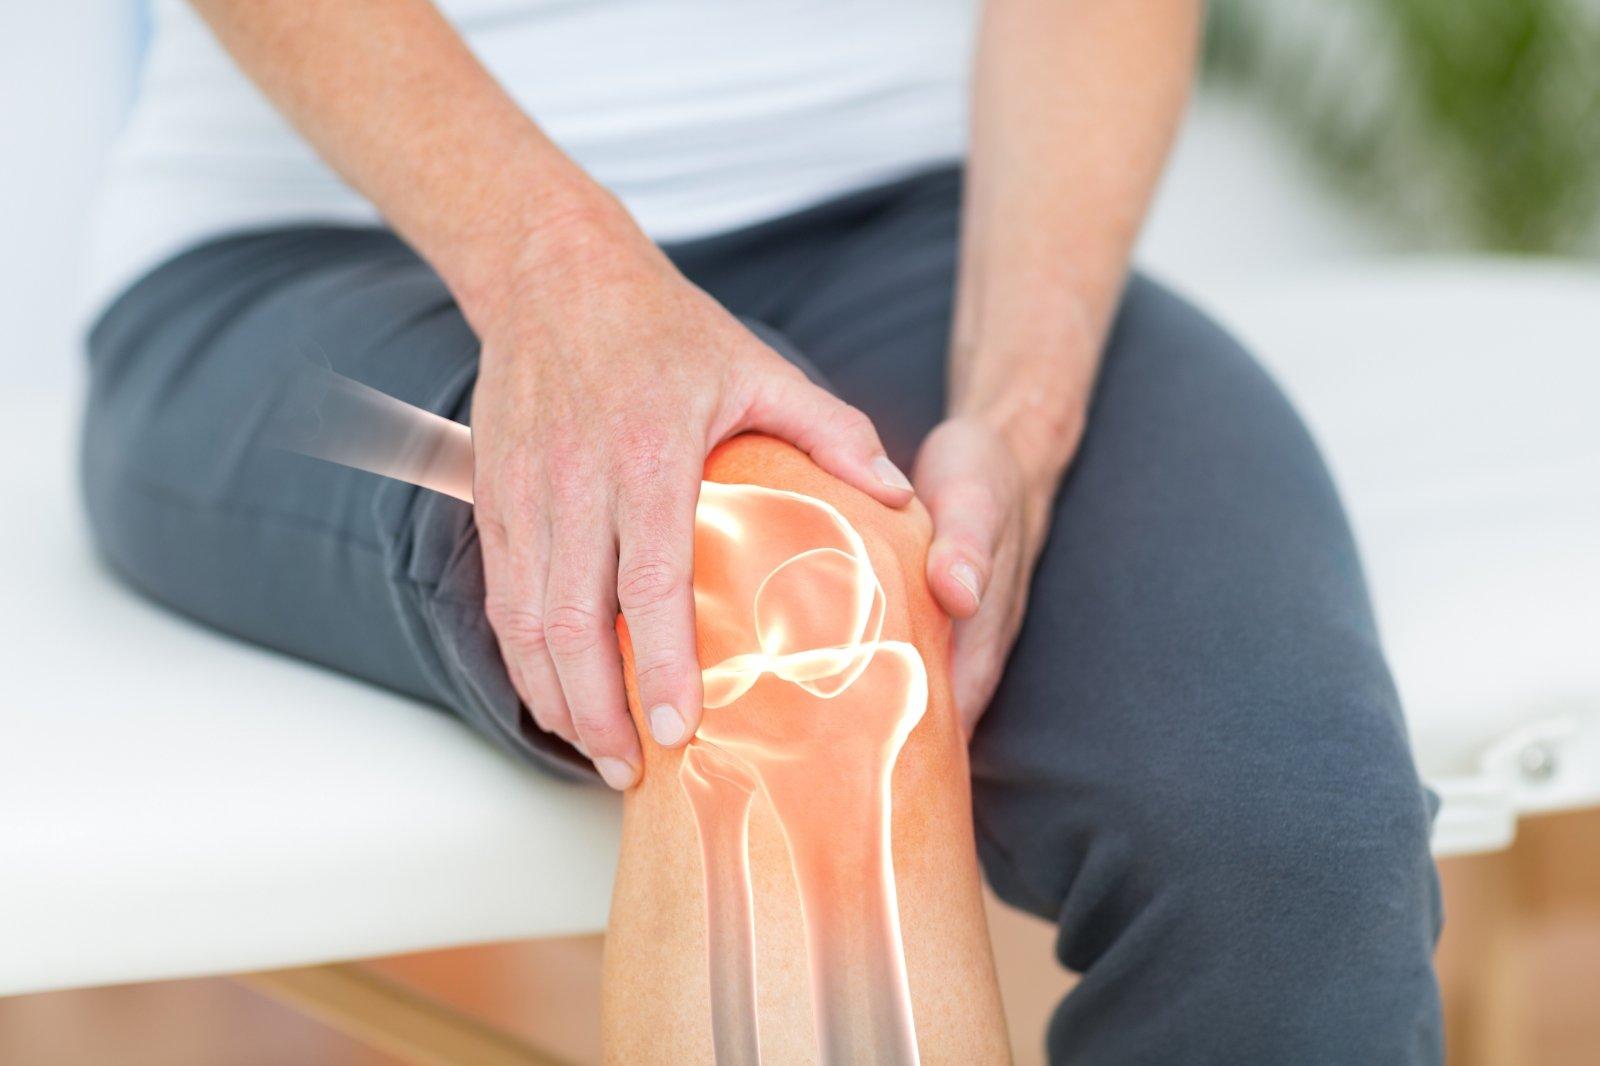 liga nuo gonartrosis rankų sąnarių skausmas pirštų falangų sujungimo